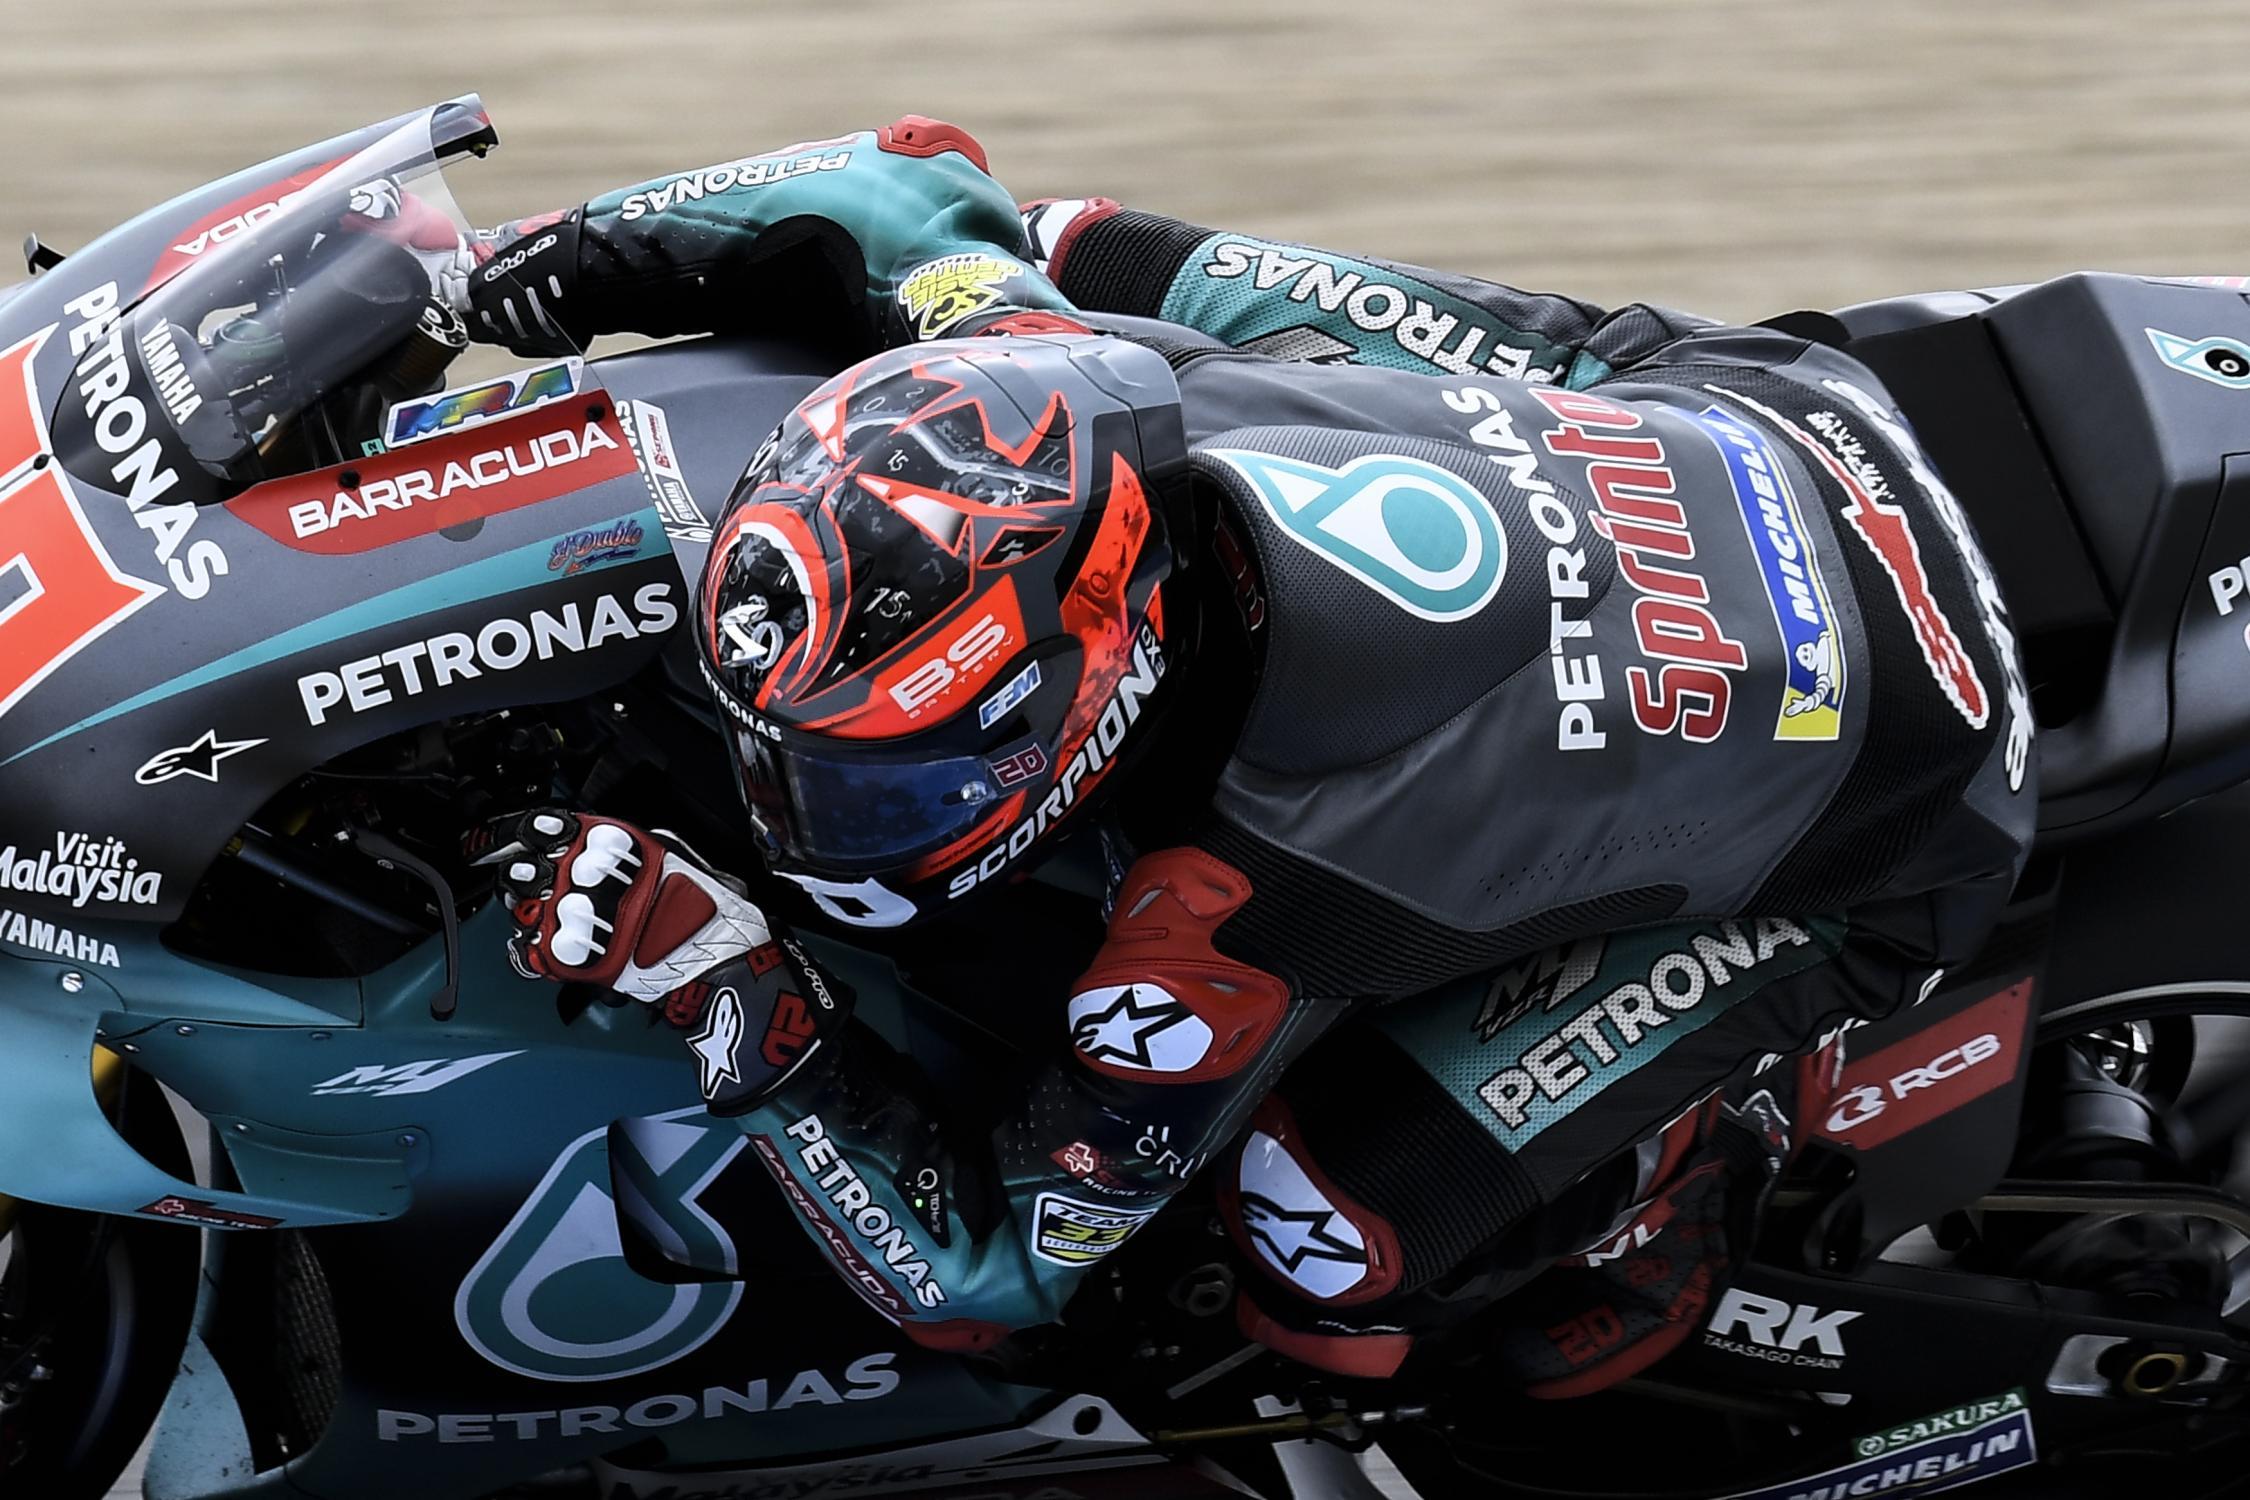 Le bar de la compétition moto ! - Page 39 _dsc6412.gallery_full_top_fullscreen